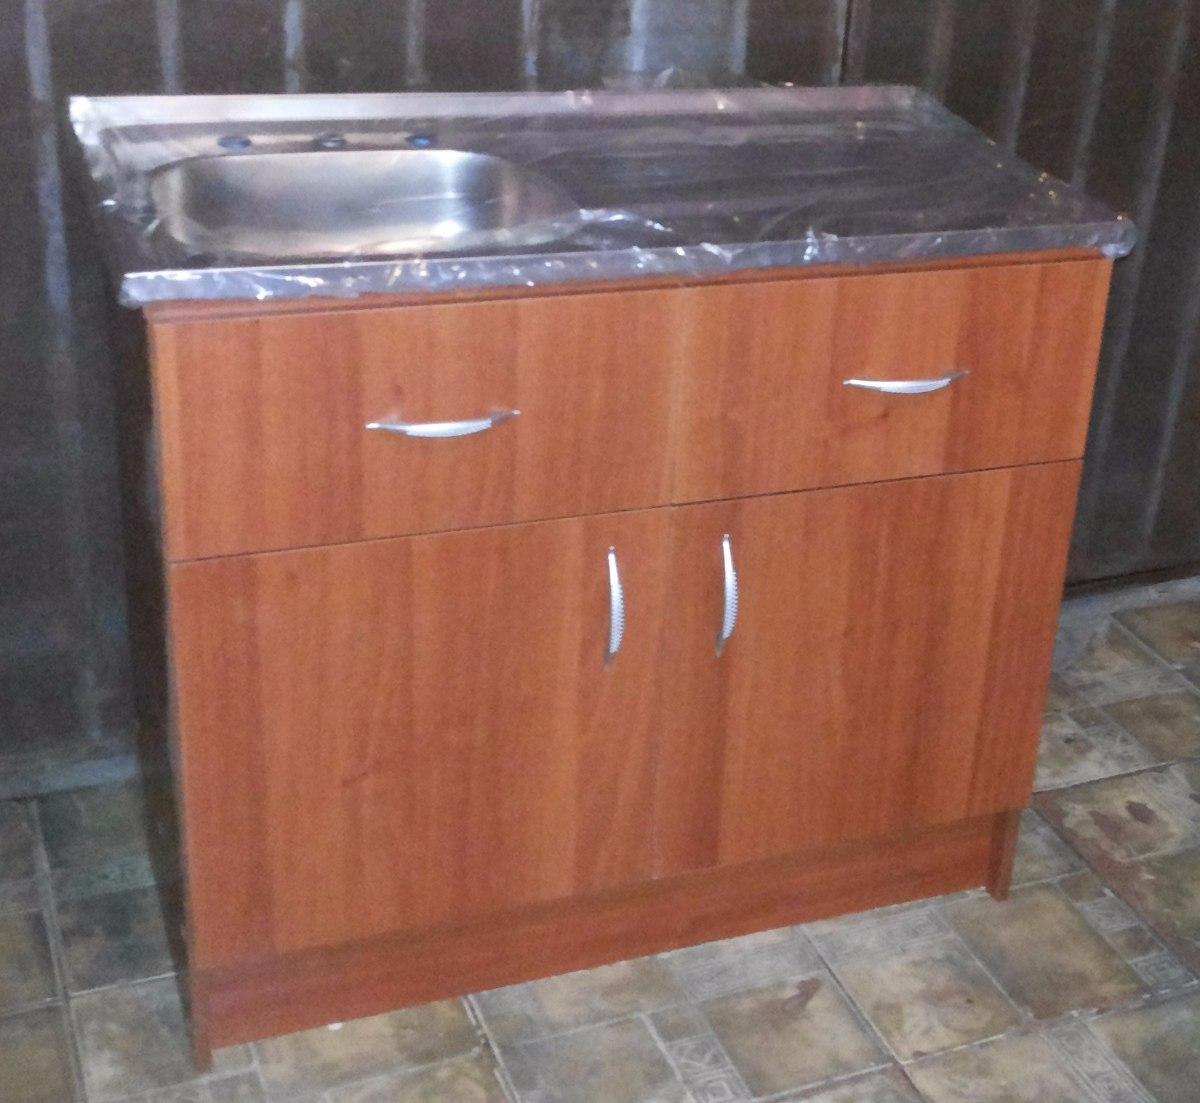 Mueble Para Cocina Fregadero ( Fregadero Gratis ) - ¢ 120,000.00 en ...